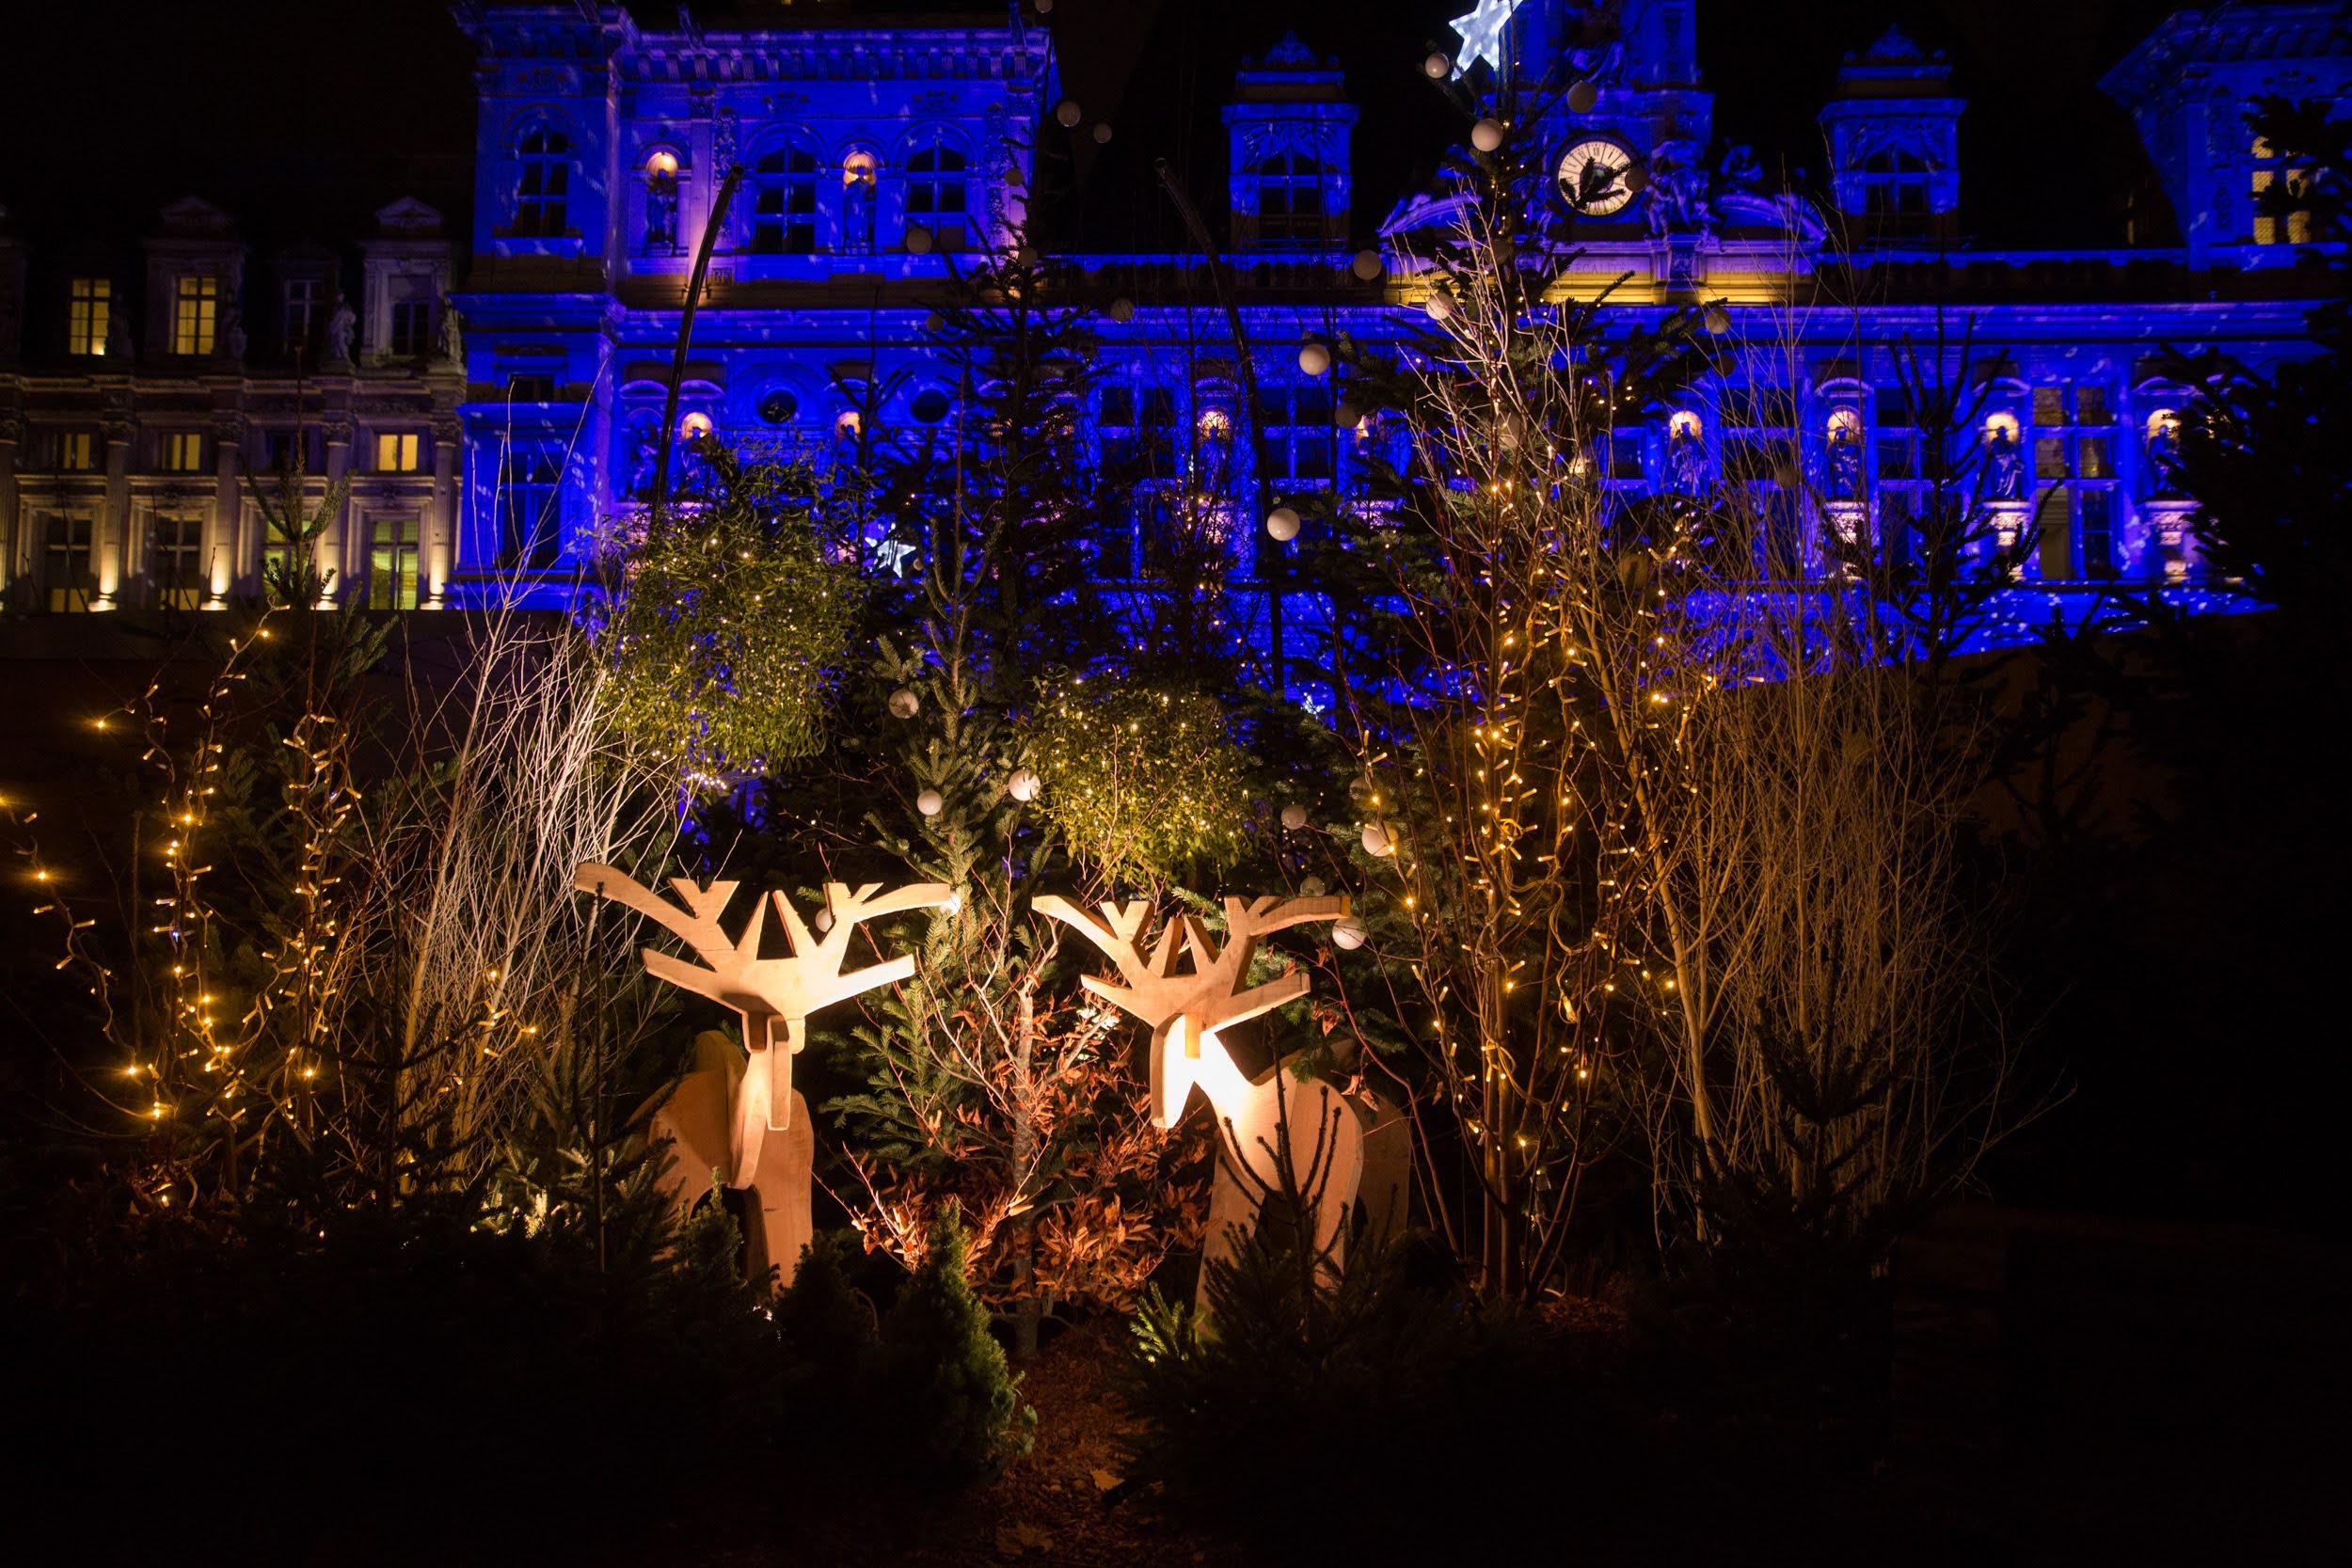 Illuminations et forêt enchantée sur le parvis de l'hôtel de Ville